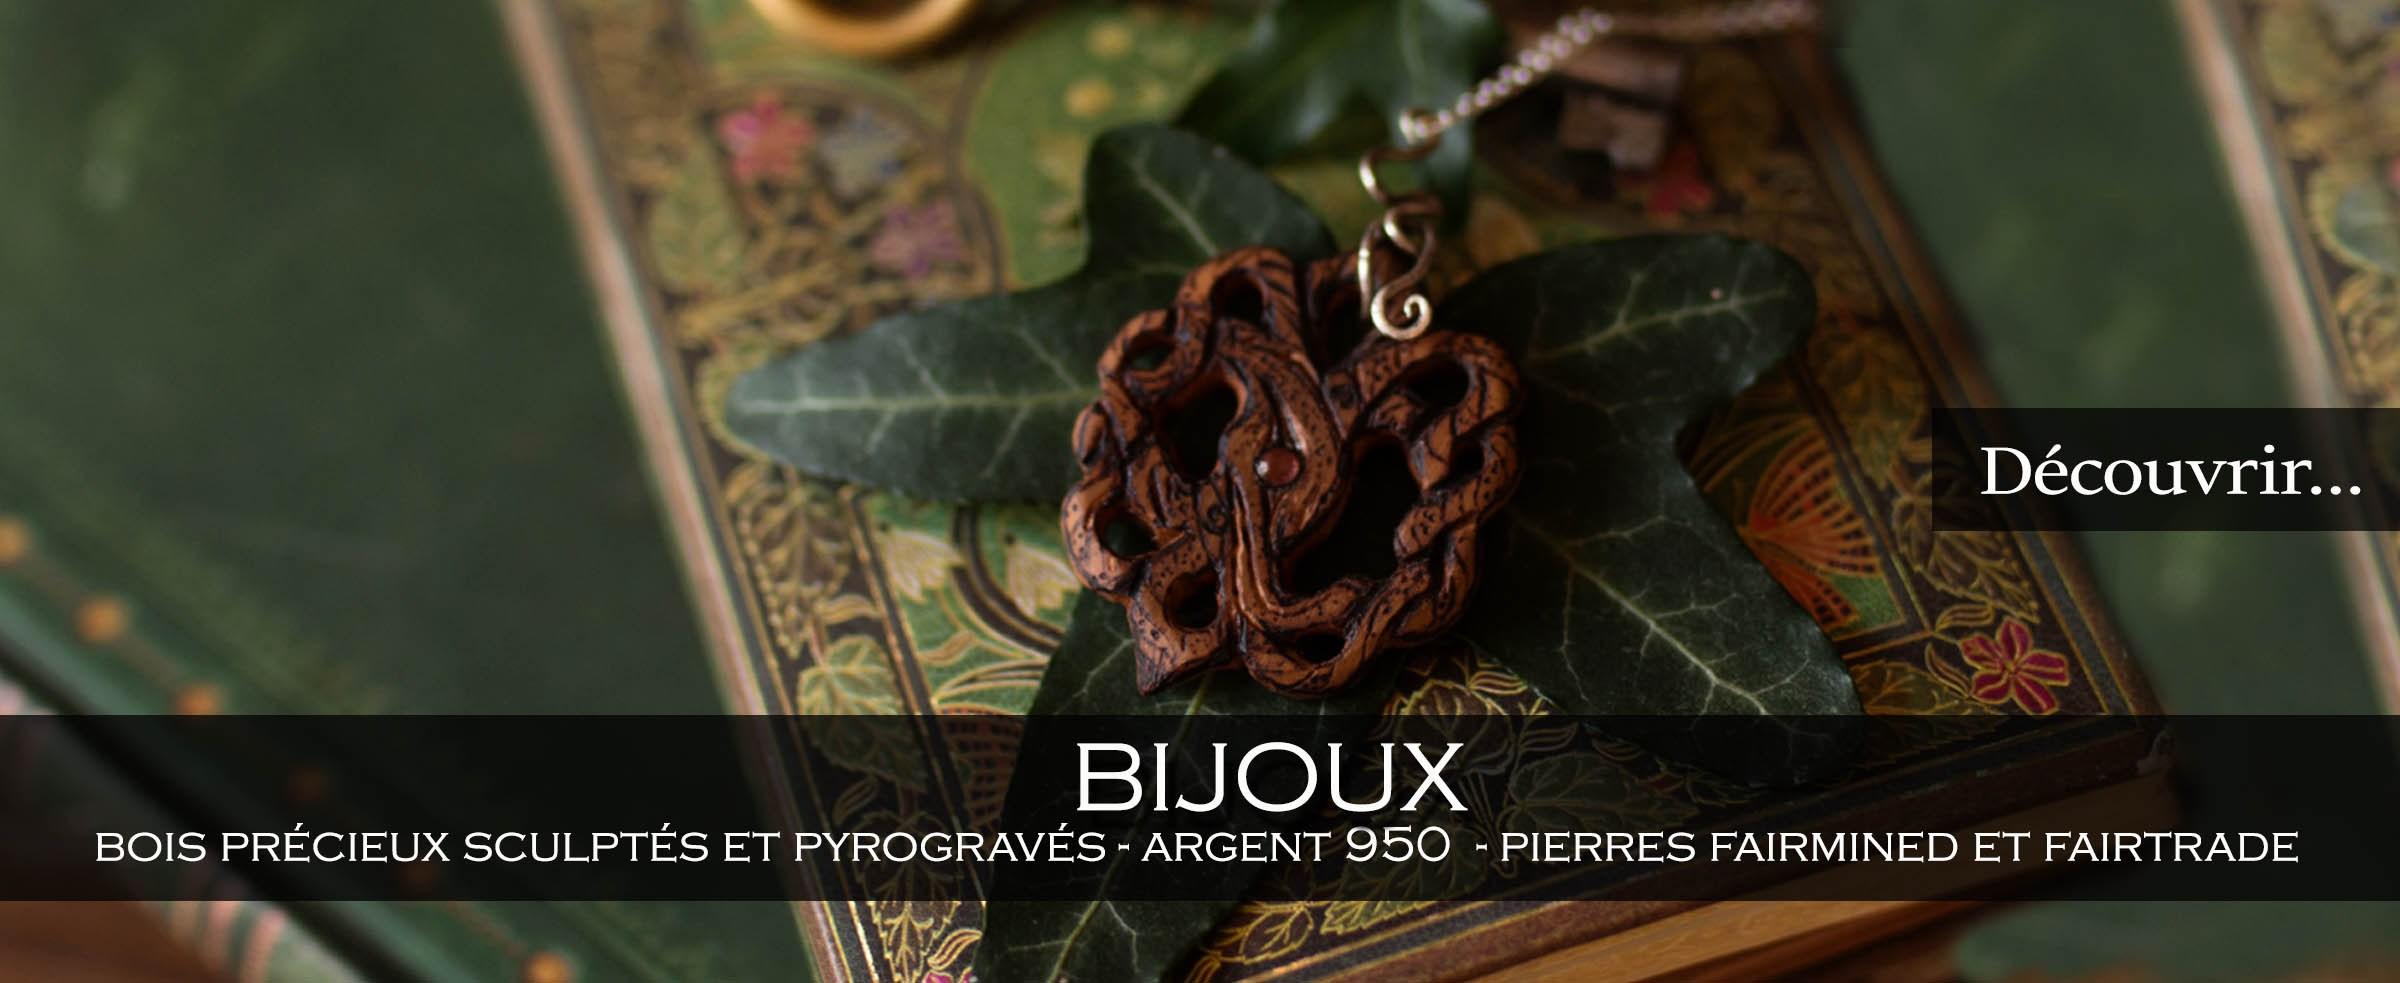 Bijoux de l'atelier de la lettre aux ours, bijoux en bois précieux et argent 950, pierres fairtrade, ethique, écologique, écoresponsable, artisanat français, fabriqué en normandie